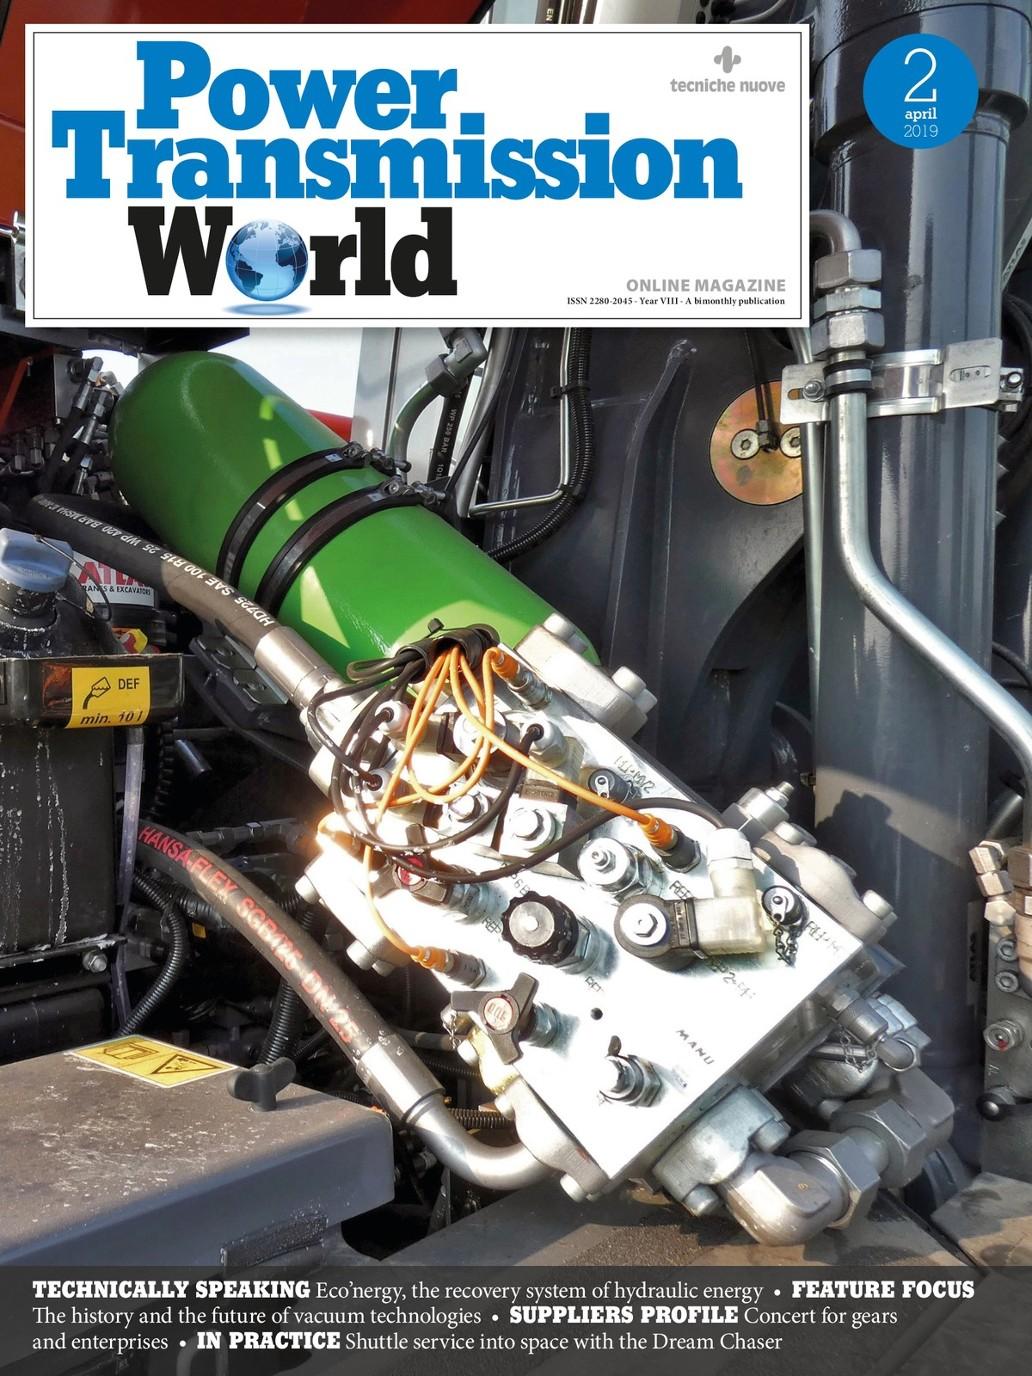 Engine And Transmission World >> Power Transmission World 02 2019